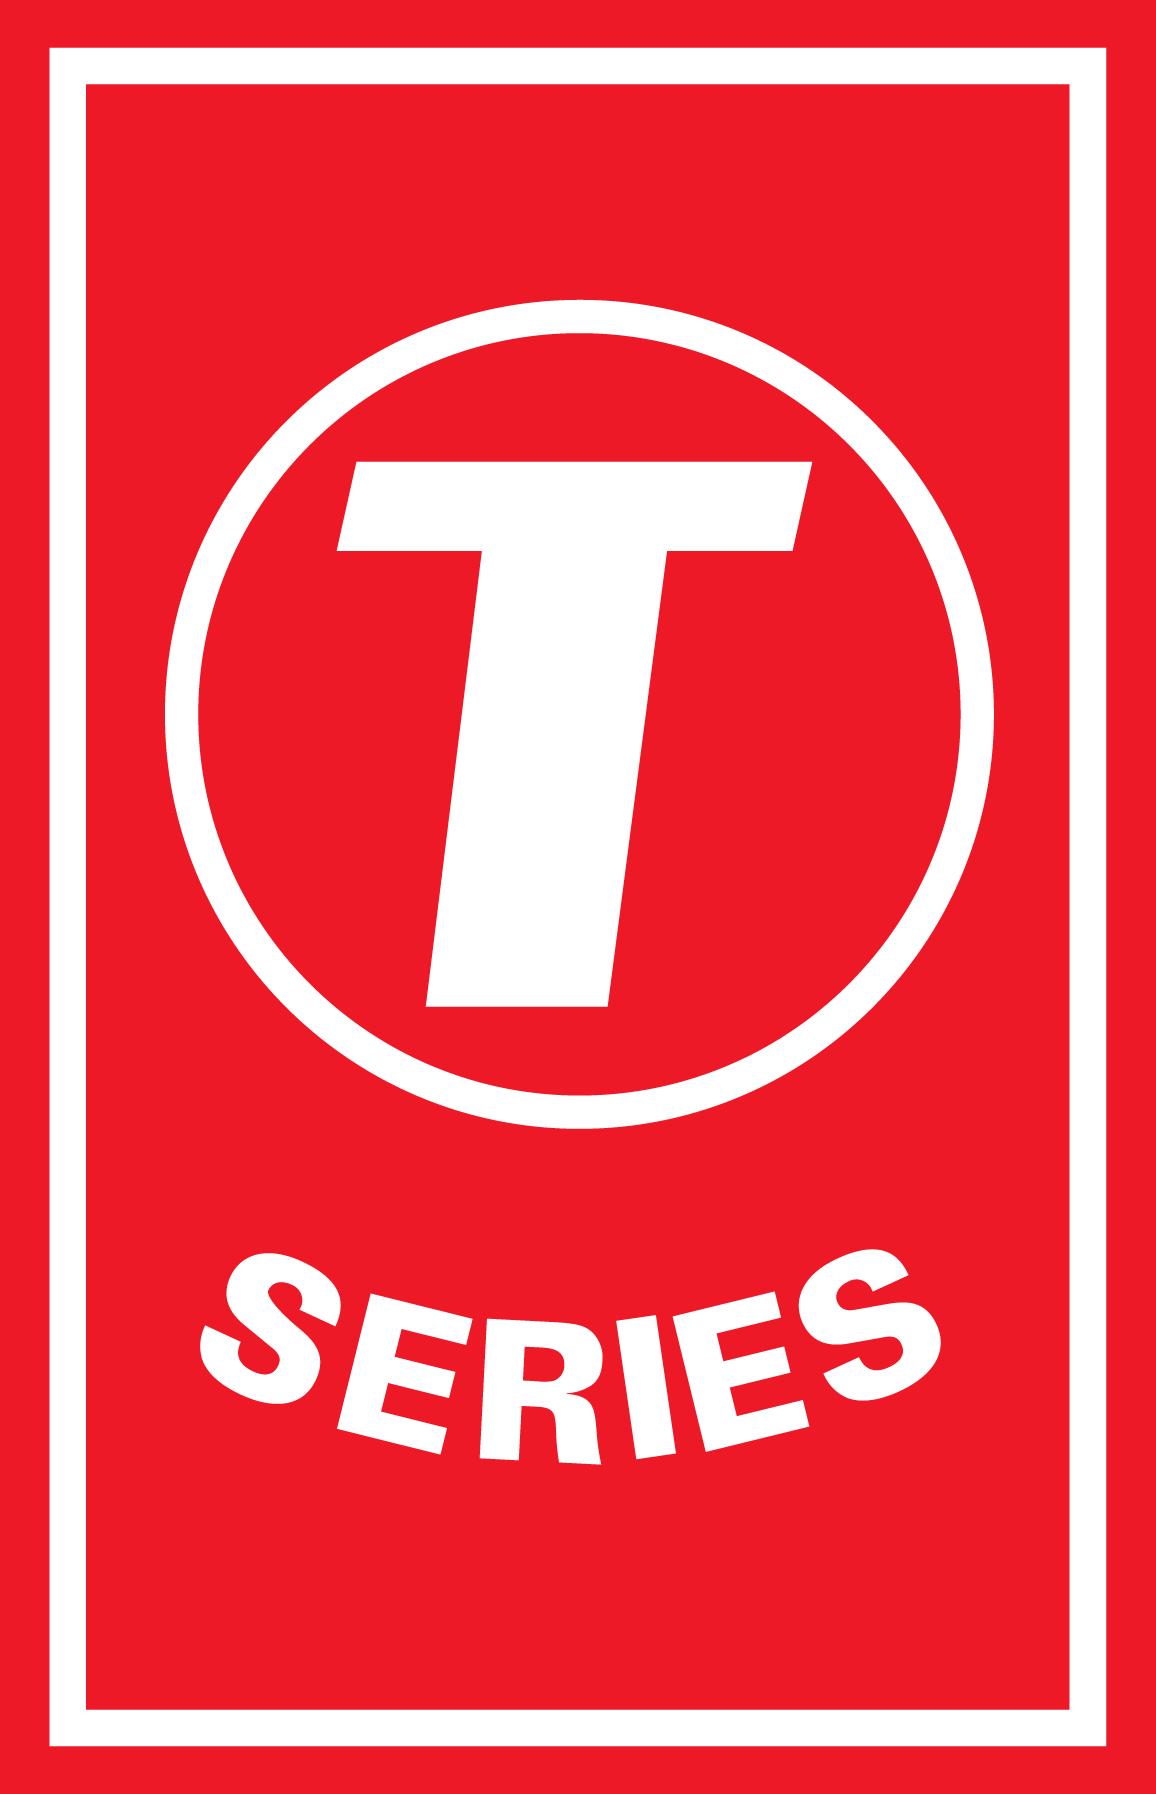 T Series Logo png